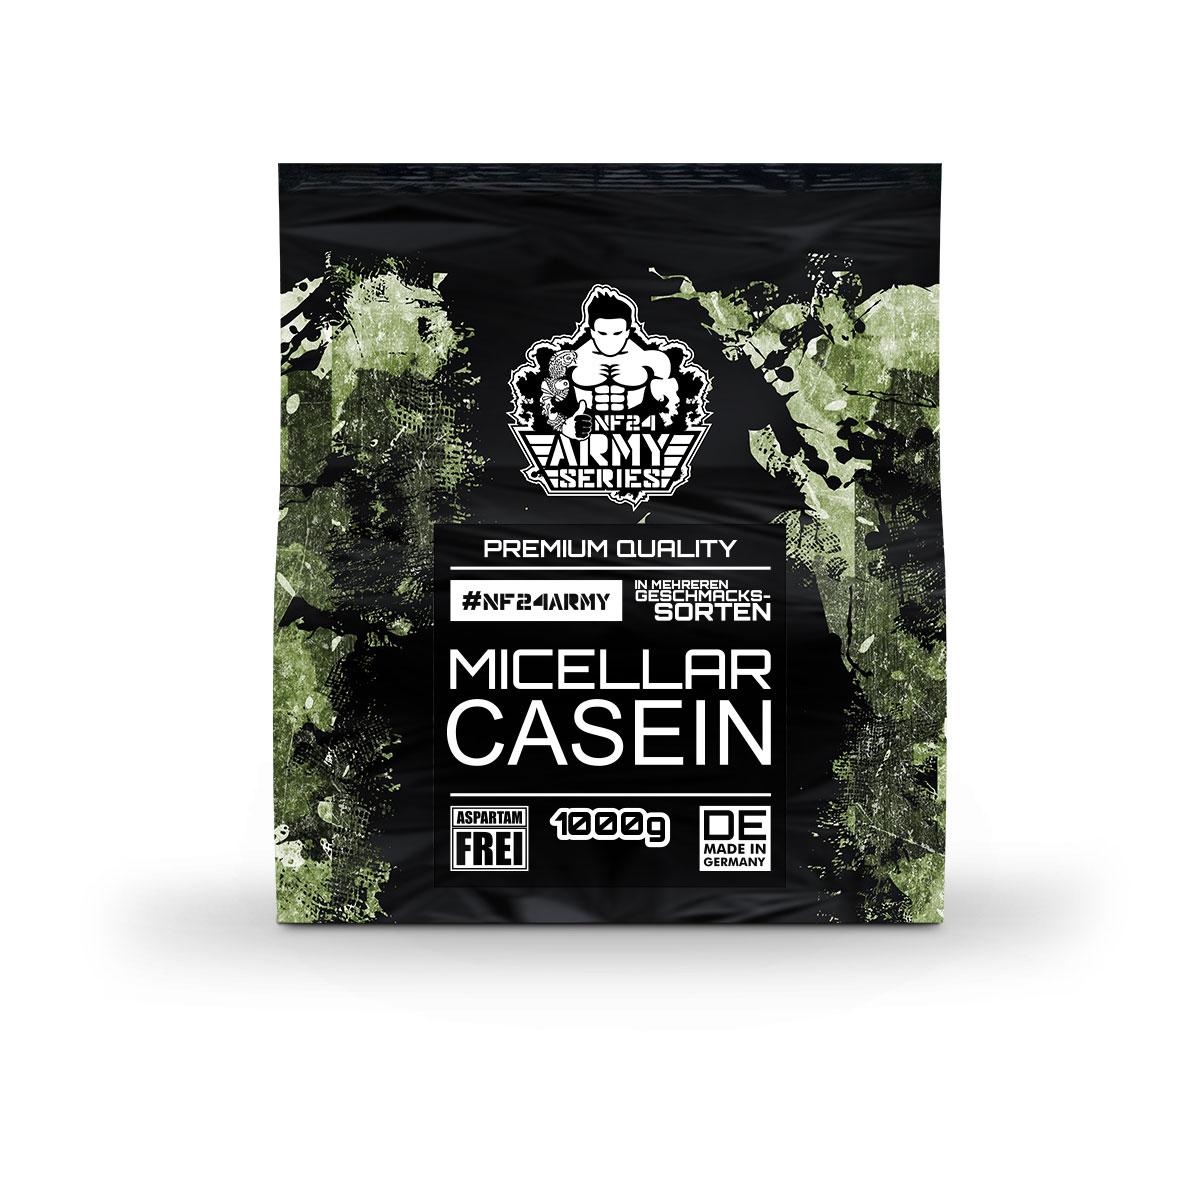 micellar-casein-protein-mizellares